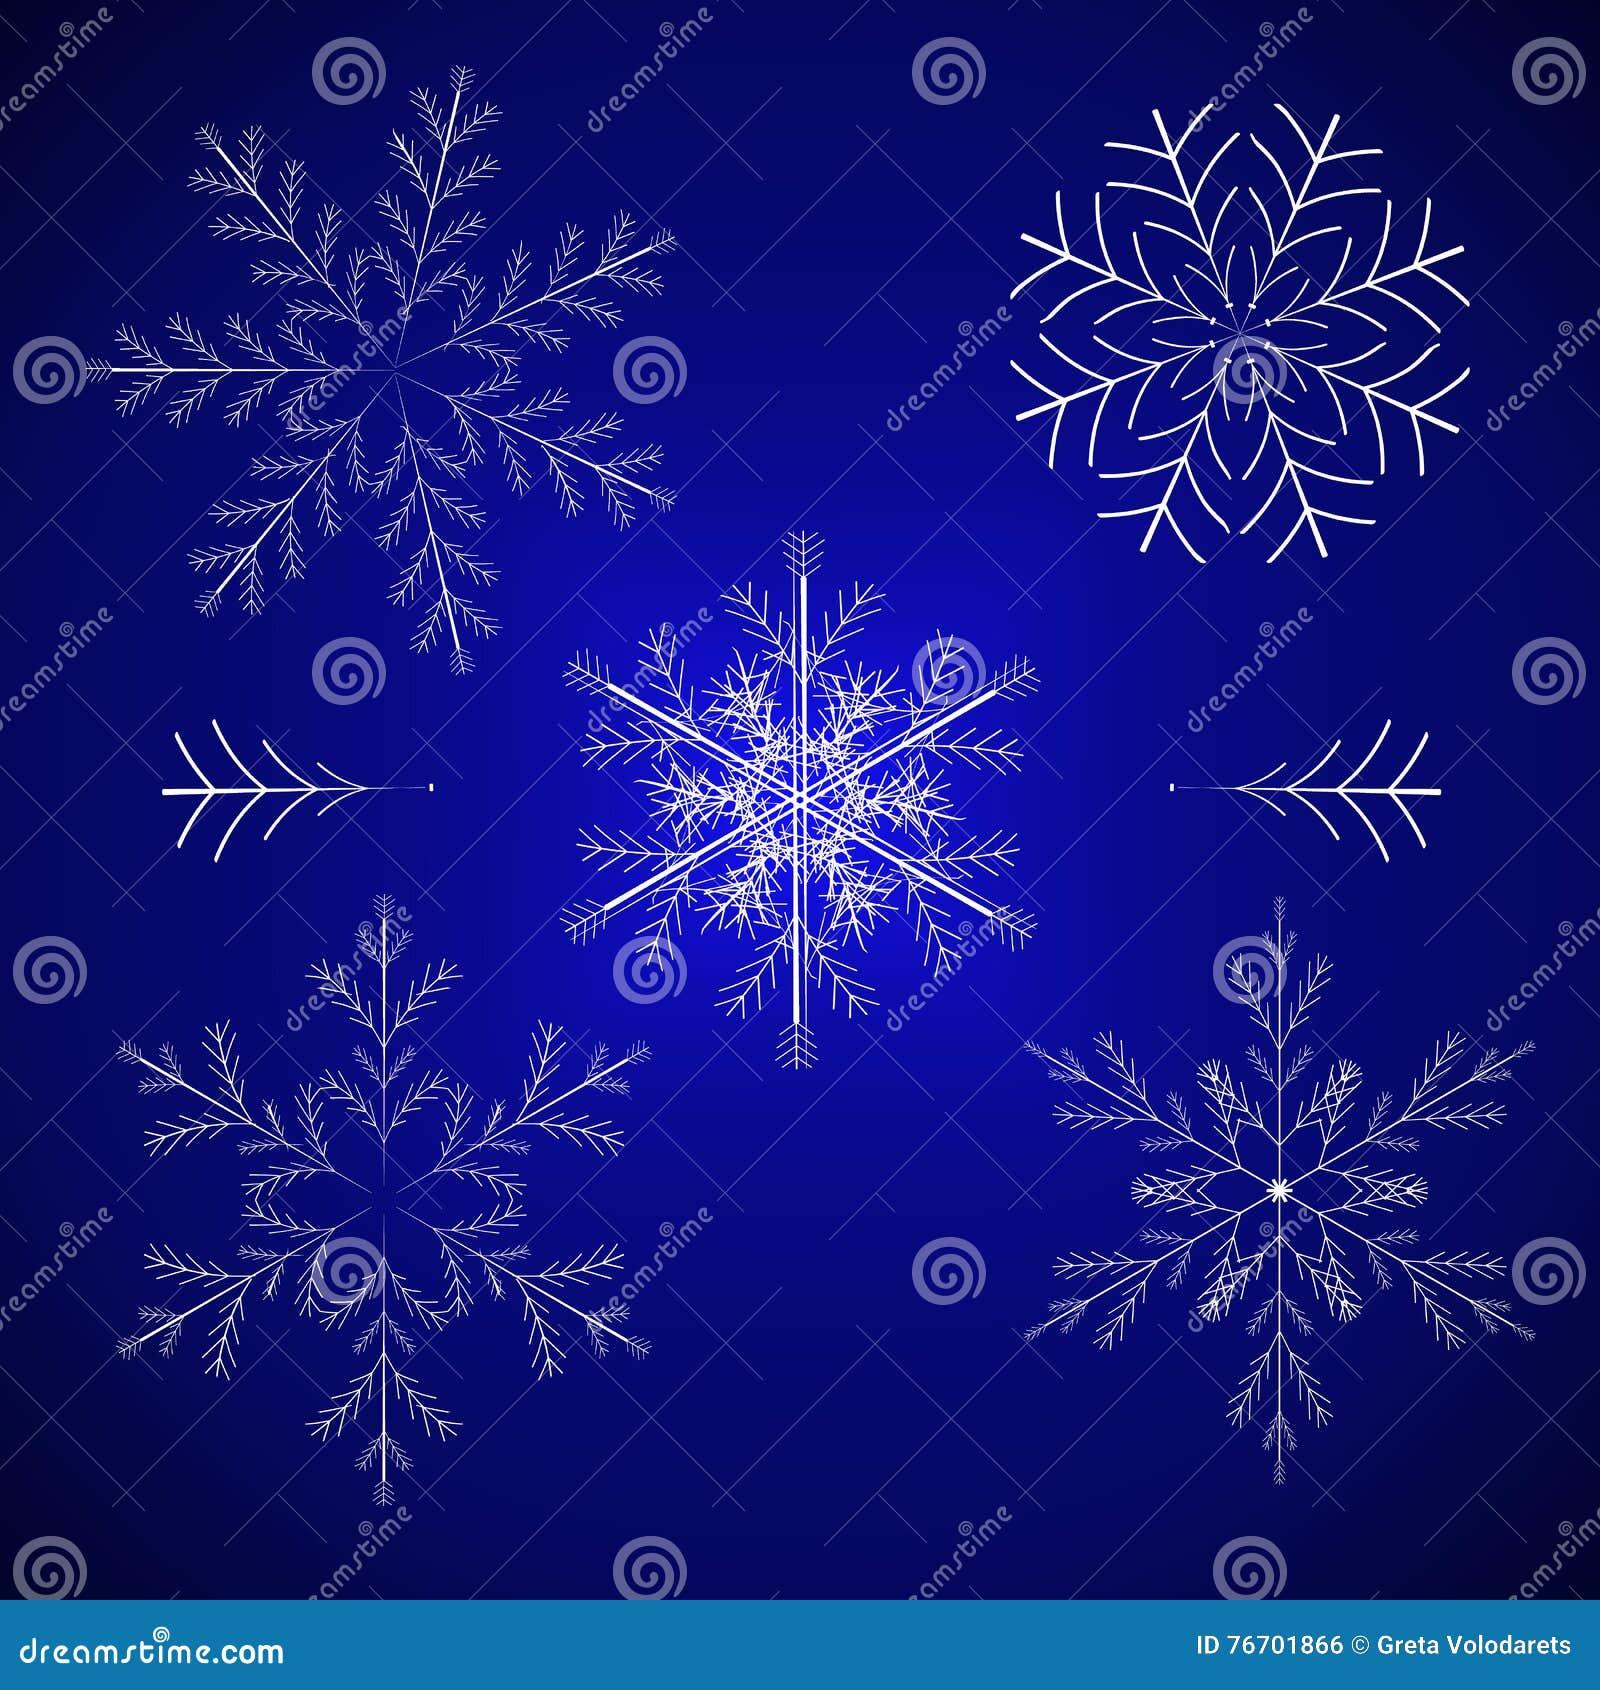 例证集合雪花向量冬天